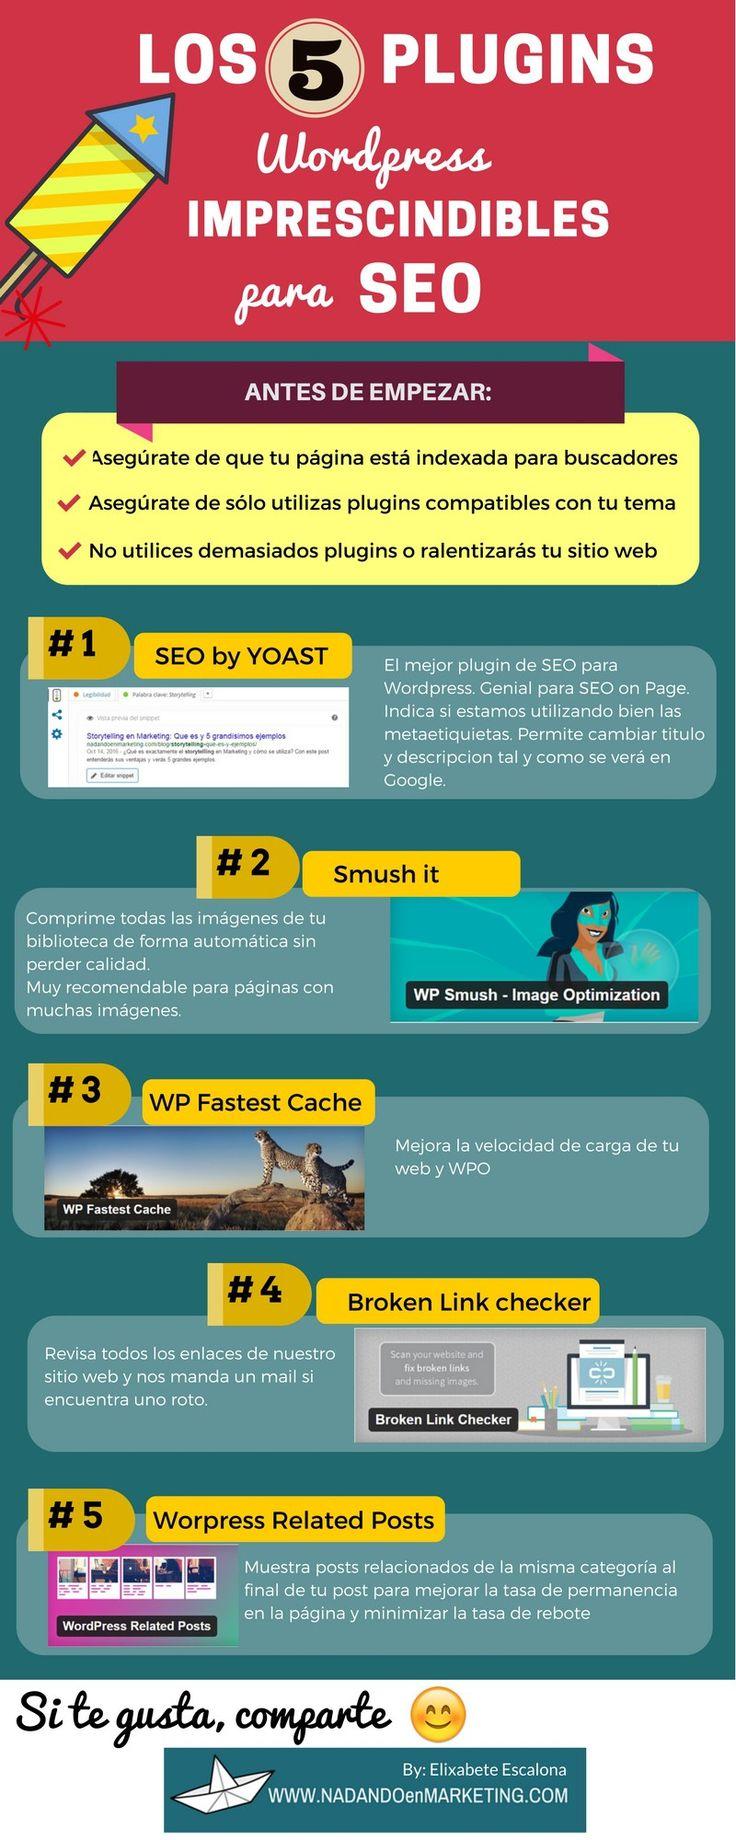 Hola: Una infografía con5 plugins de WordPress Imprescindibles para SEO. Vía Un saludo